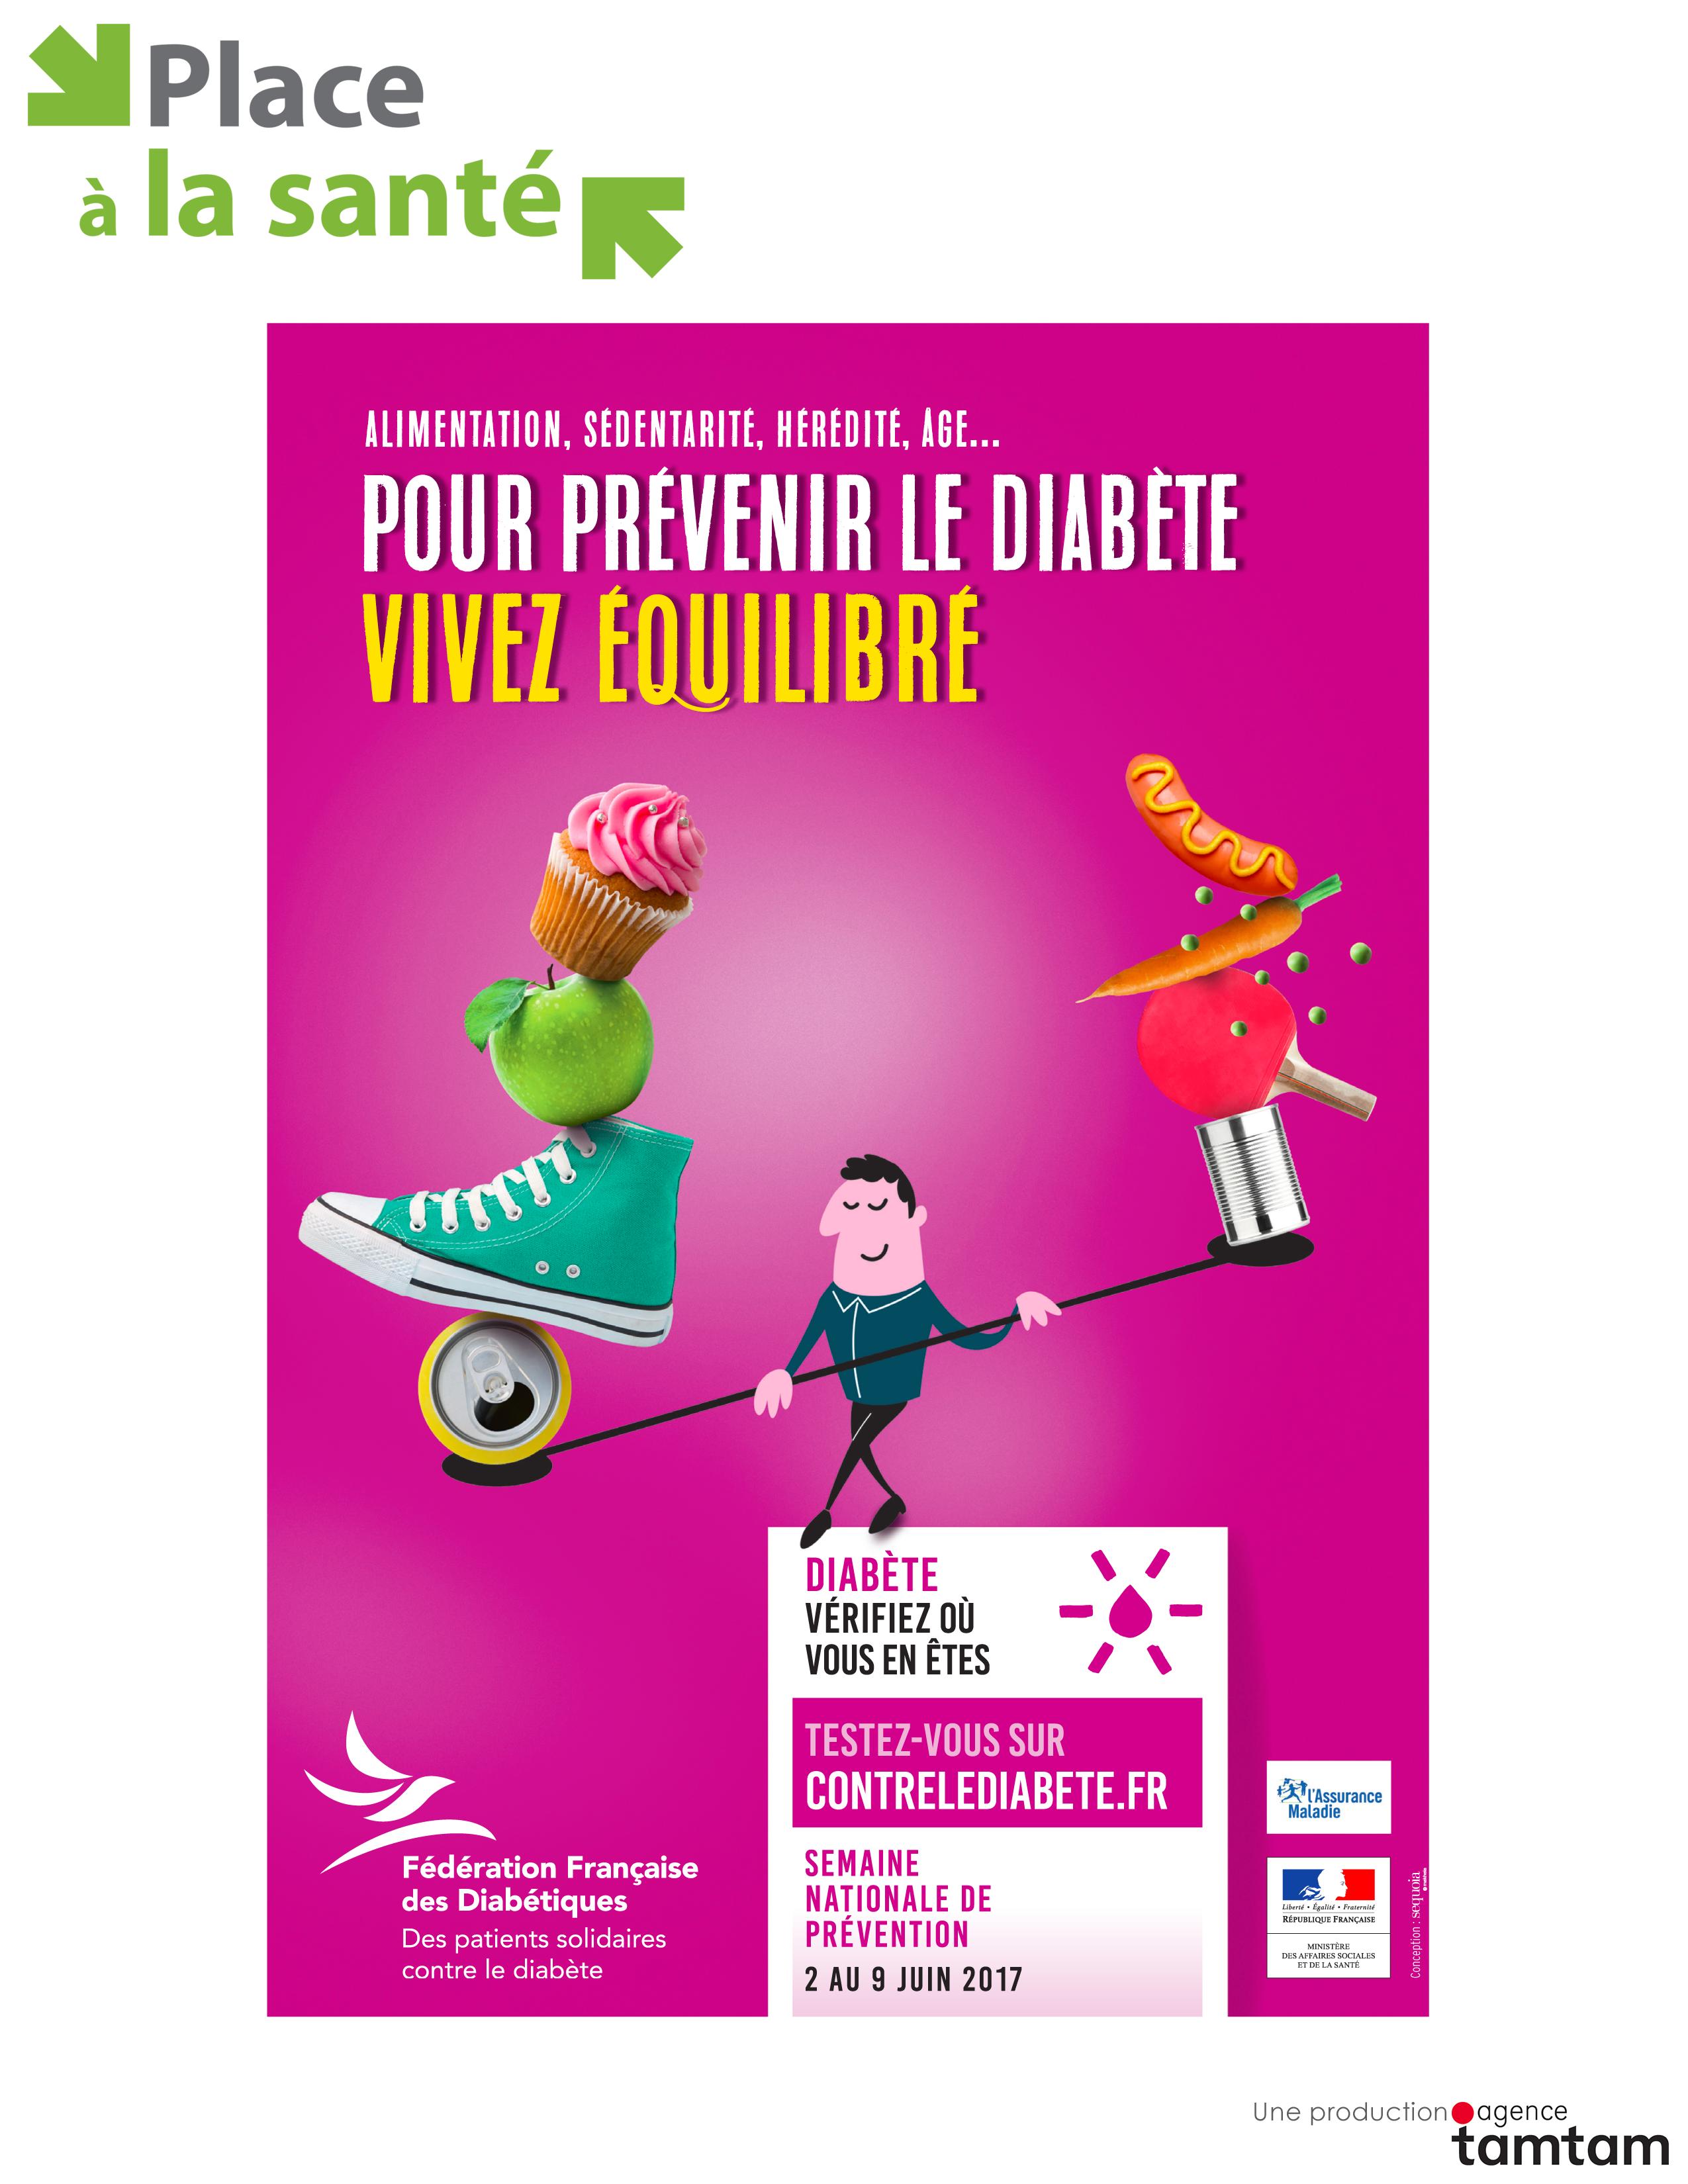 Pour prévenir le diabète: vivez équilibré